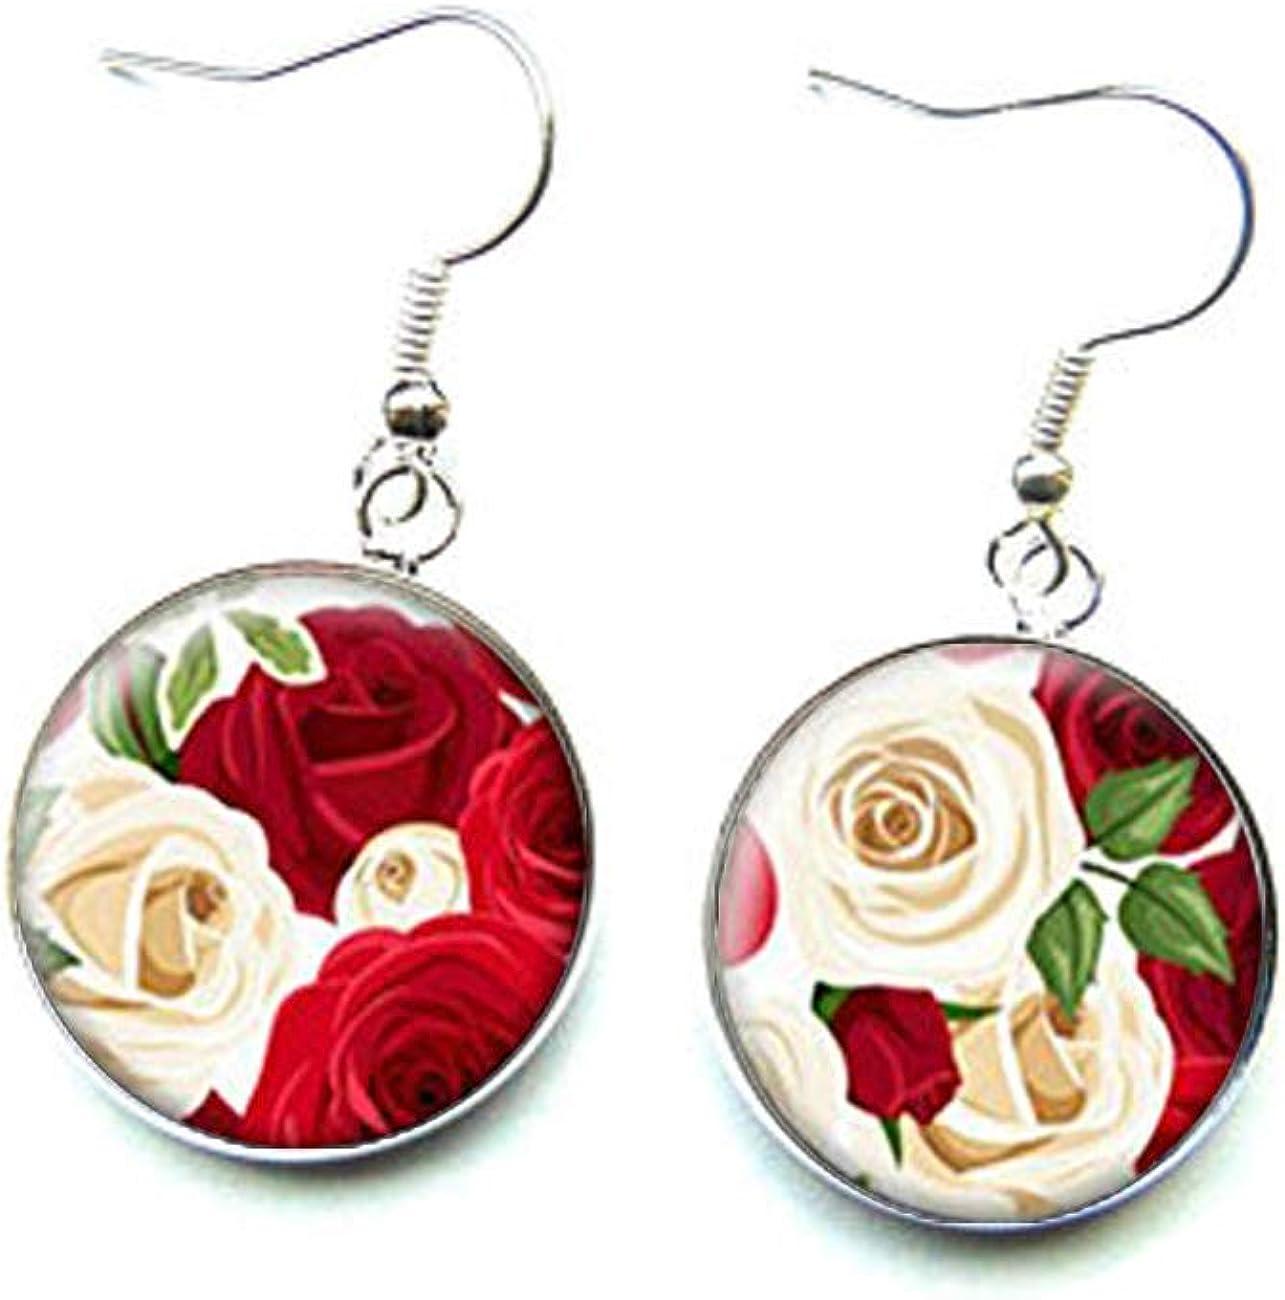 Elf House Pendientes románticos de color rojo y marfil rosas, joyería de cristal cúpula hecha a mano